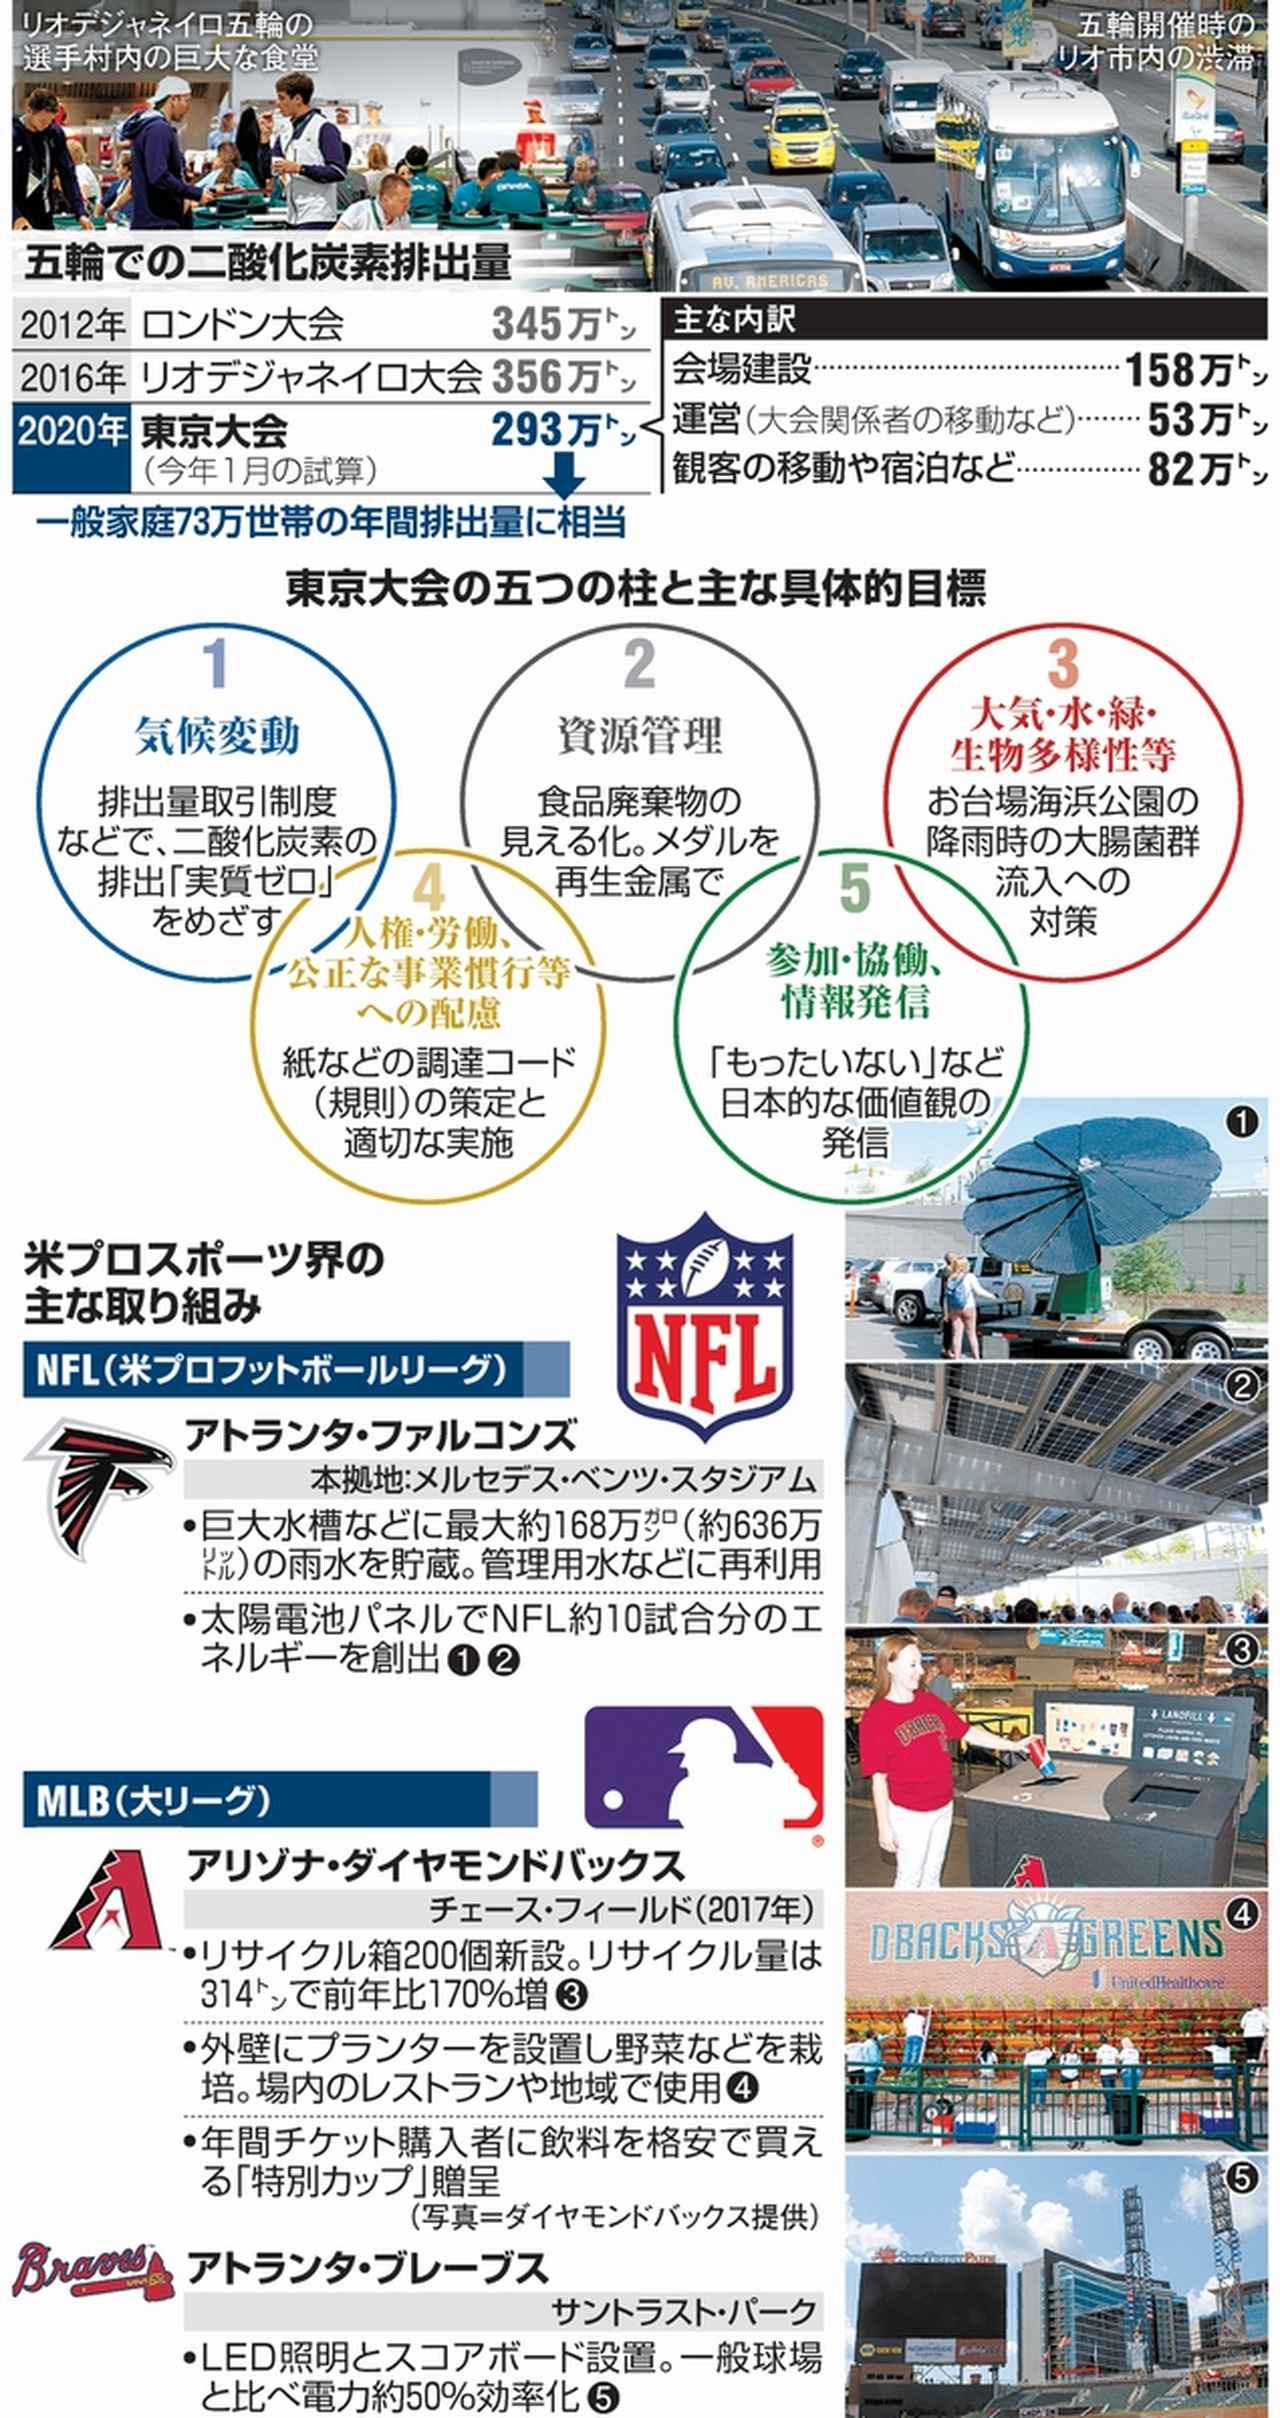 画像: なぜスポーツに持続可能性? 東京は「SDGs五輪」:朝日新聞デジタル